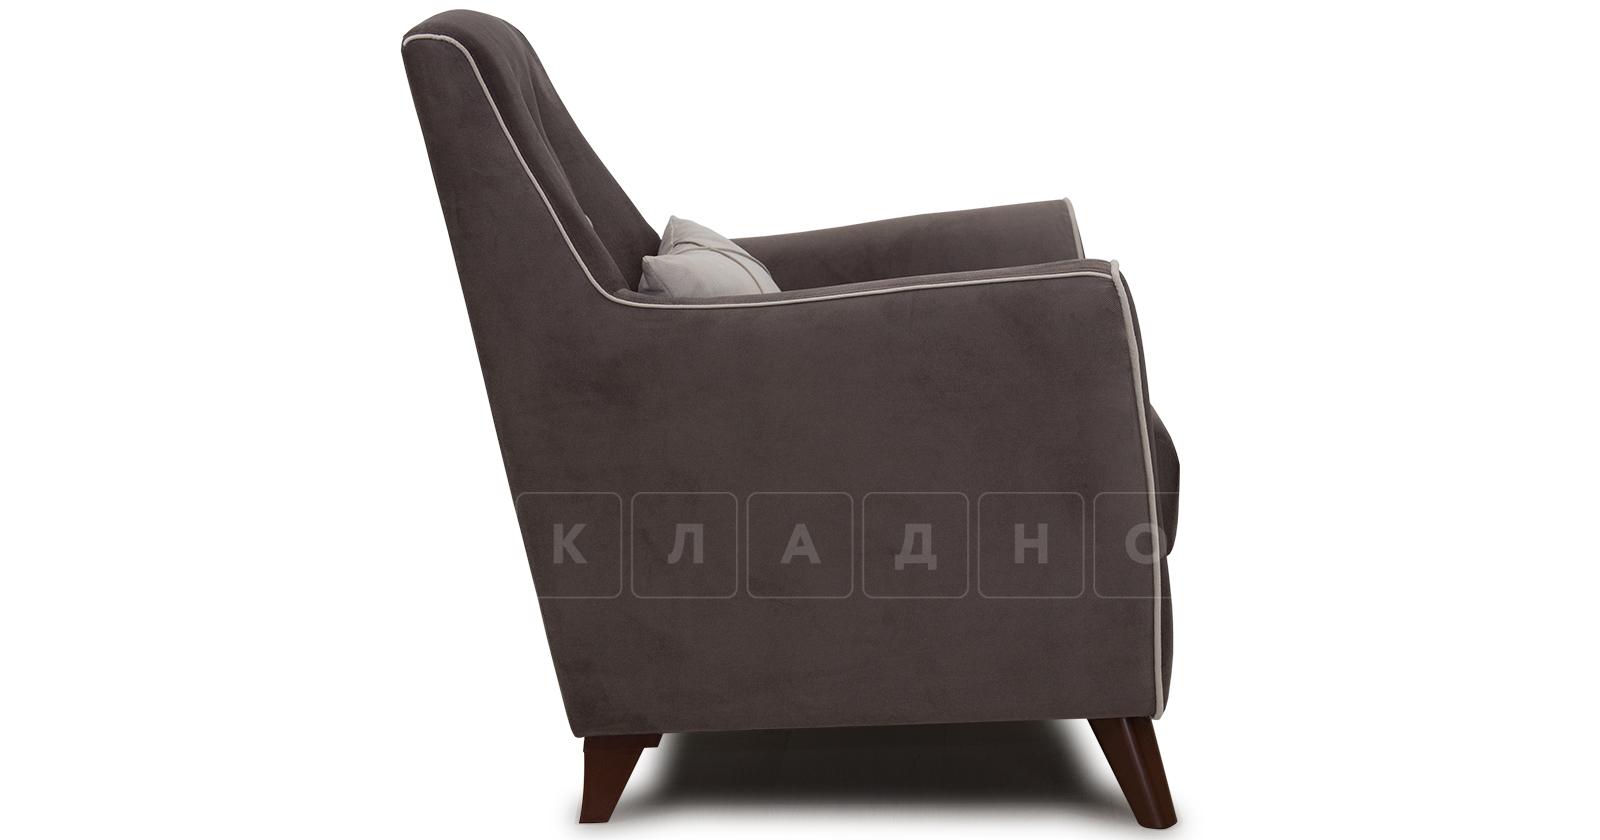 Кресло для отдыха Флэтфорд шоколад фото 3 | интернет-магазин Складно